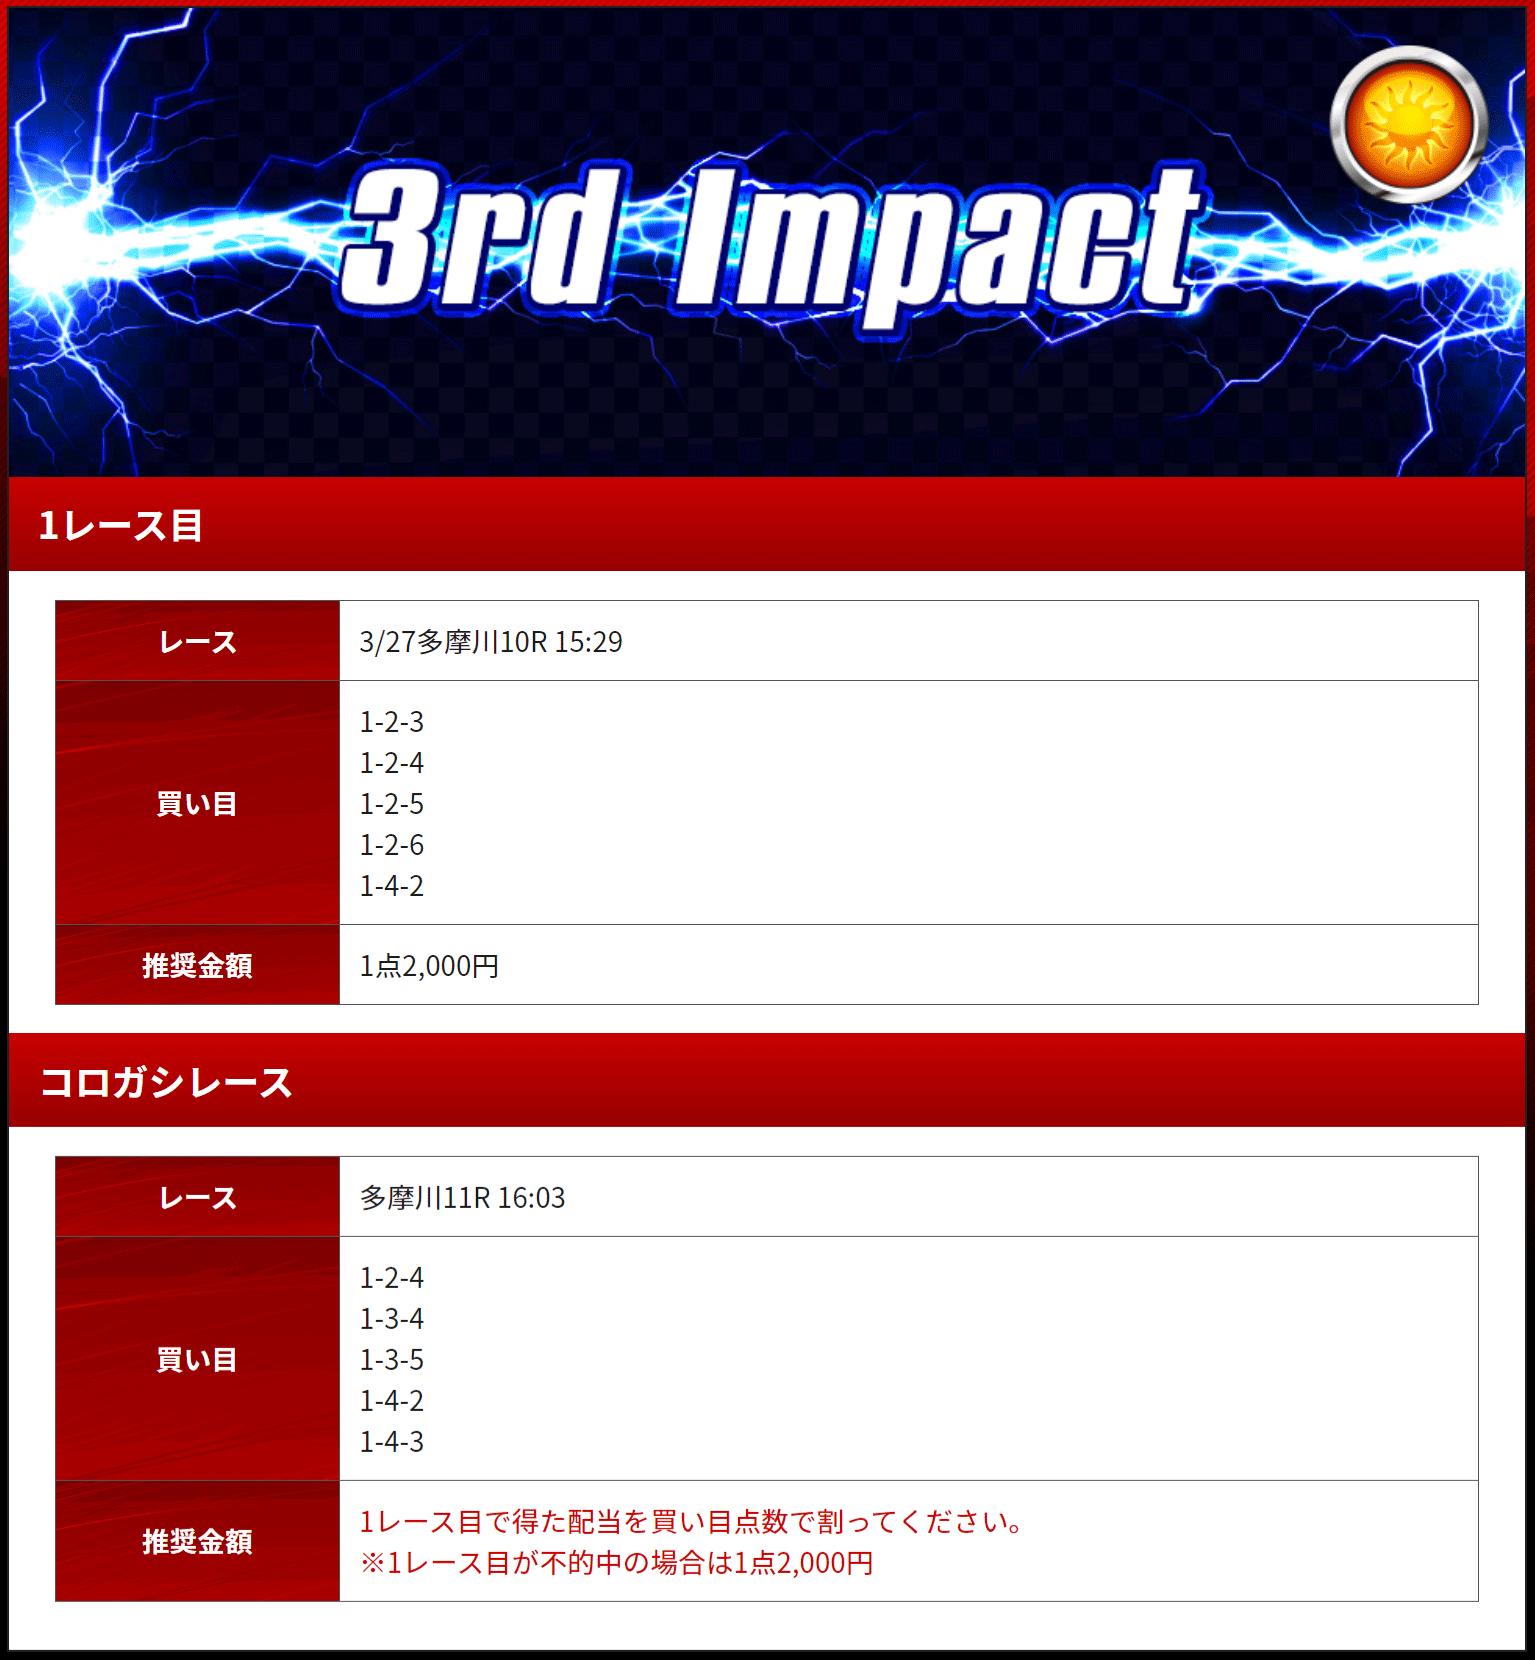 優良 競艇IMPACT(競艇インパクト)の有料プラン「3rd Impact(デイ)」2020年3月27日買い目 競艇予想サイトの口コミ検証や無料情報の予想結果も公開中